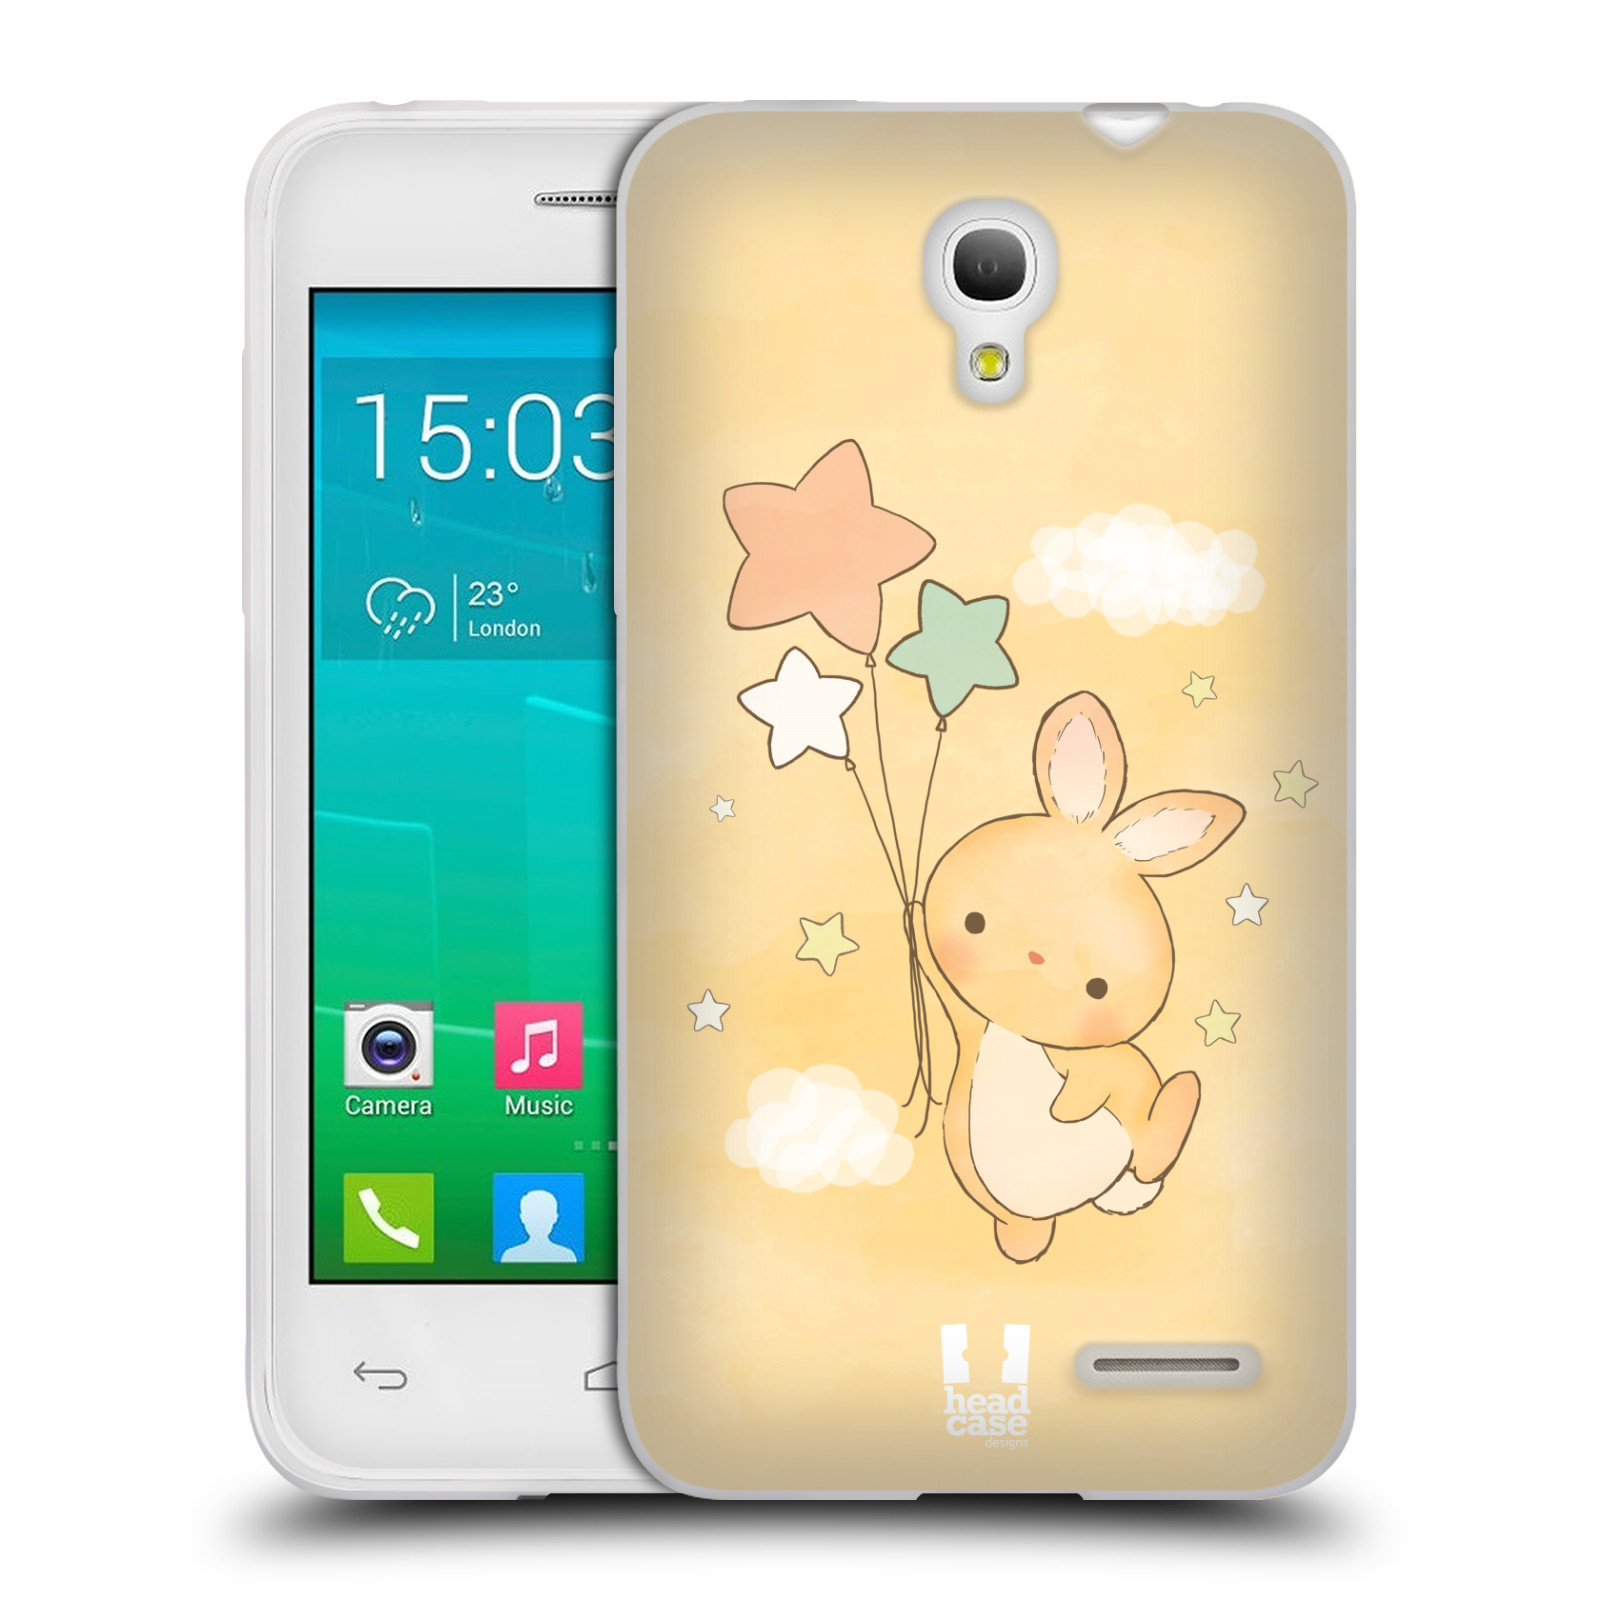 HEAD CASE silikonový obal na mobil Alcatel POP S3 OT-5050Y vzor králíček a hvězdy žlutá